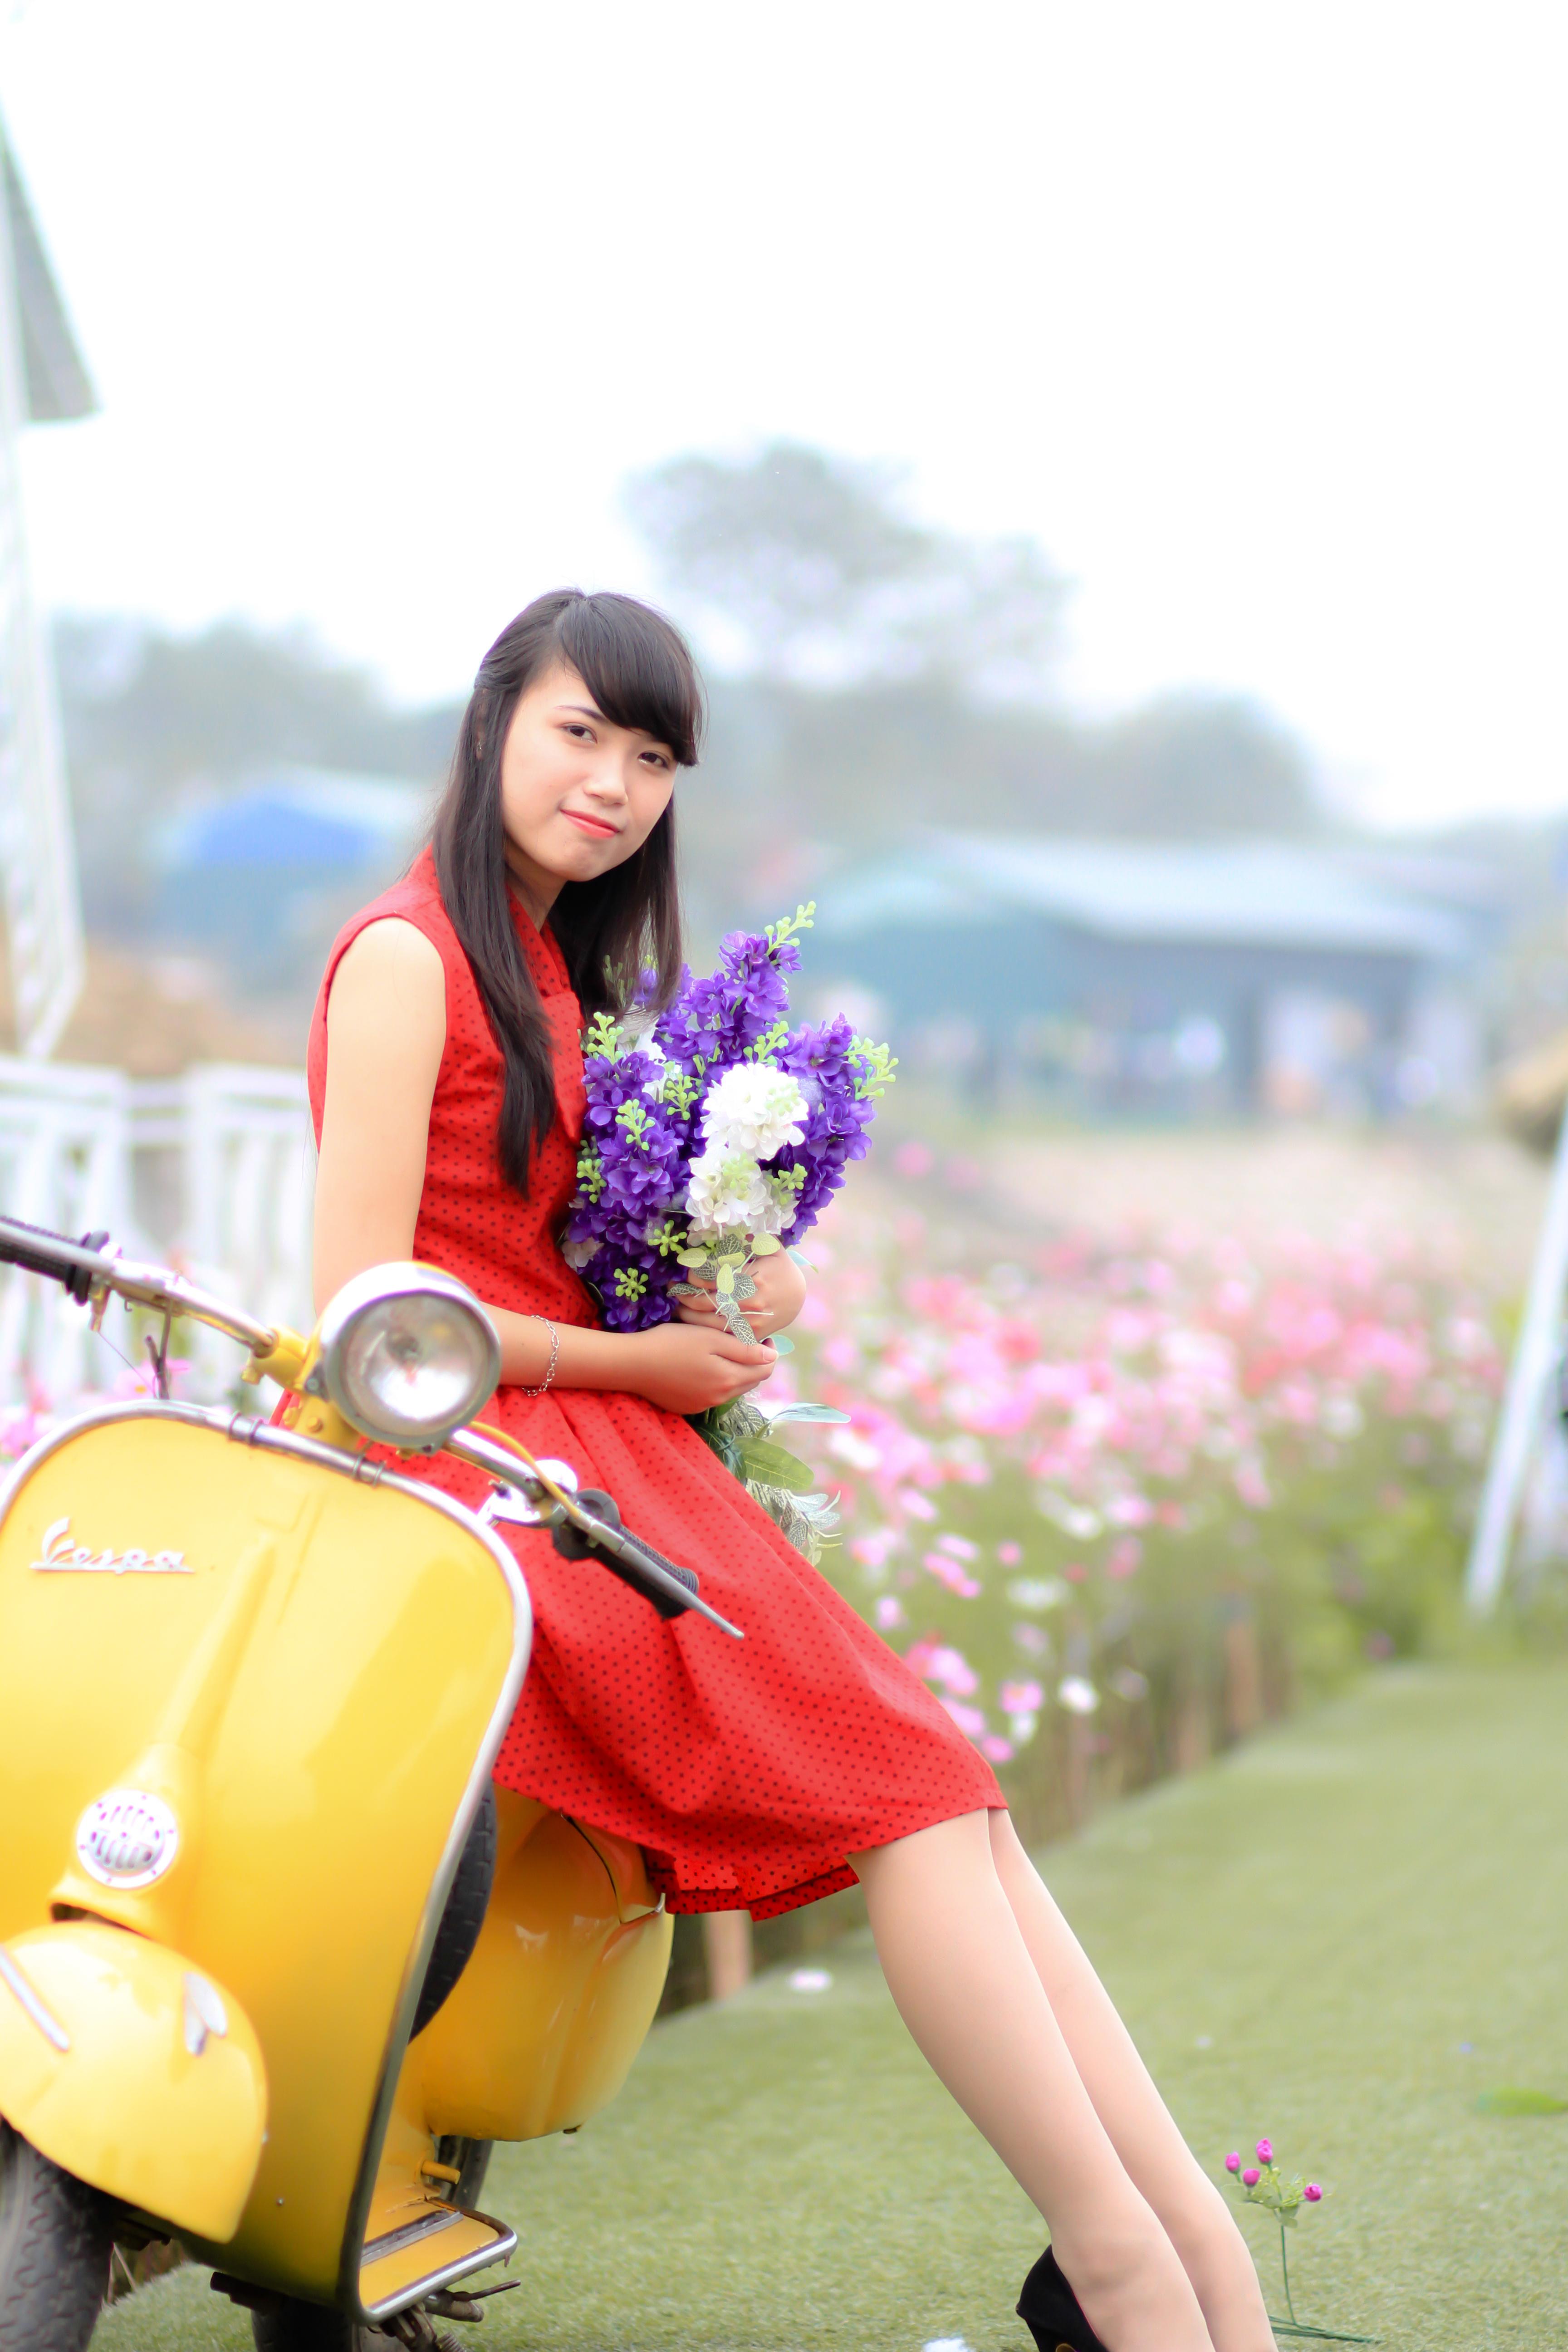 Áo yếm hững hờ của mỹ nhân Việt